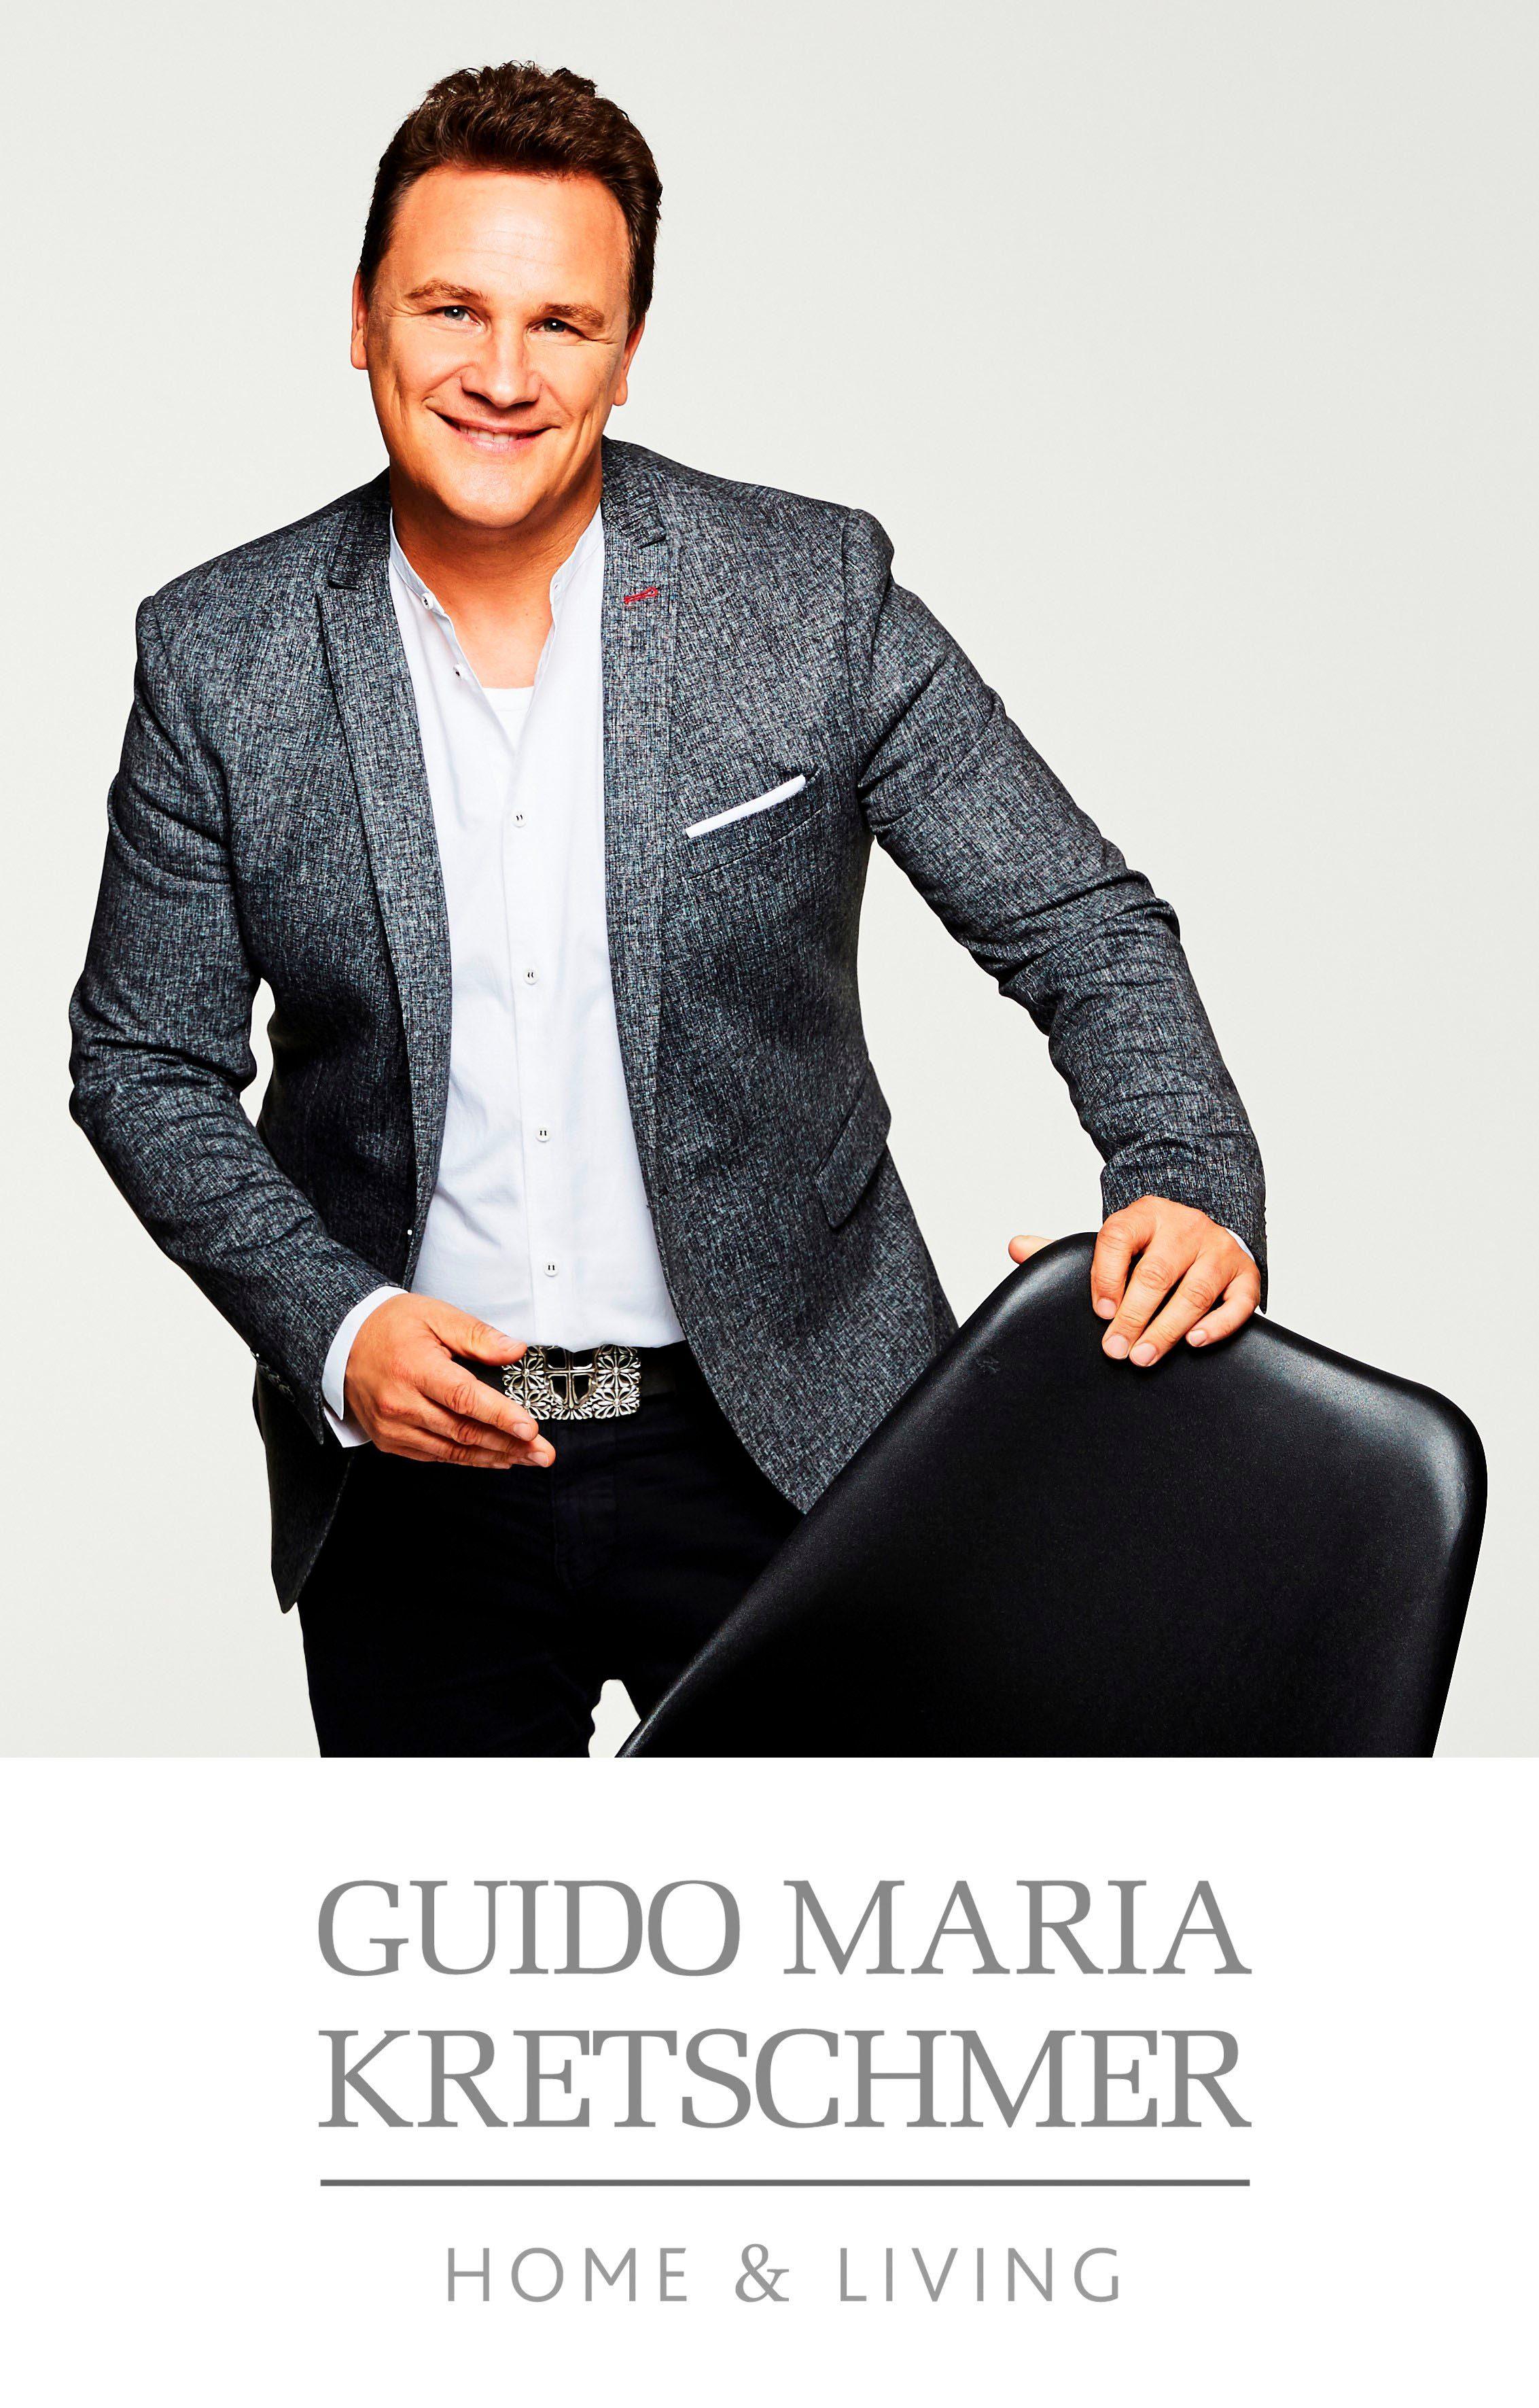 Teppich Adina, Guido Maria Kretschmer Home&Living, rechteckig, Höhe 13 mm, Elegante Doppelbordüre online kaufen